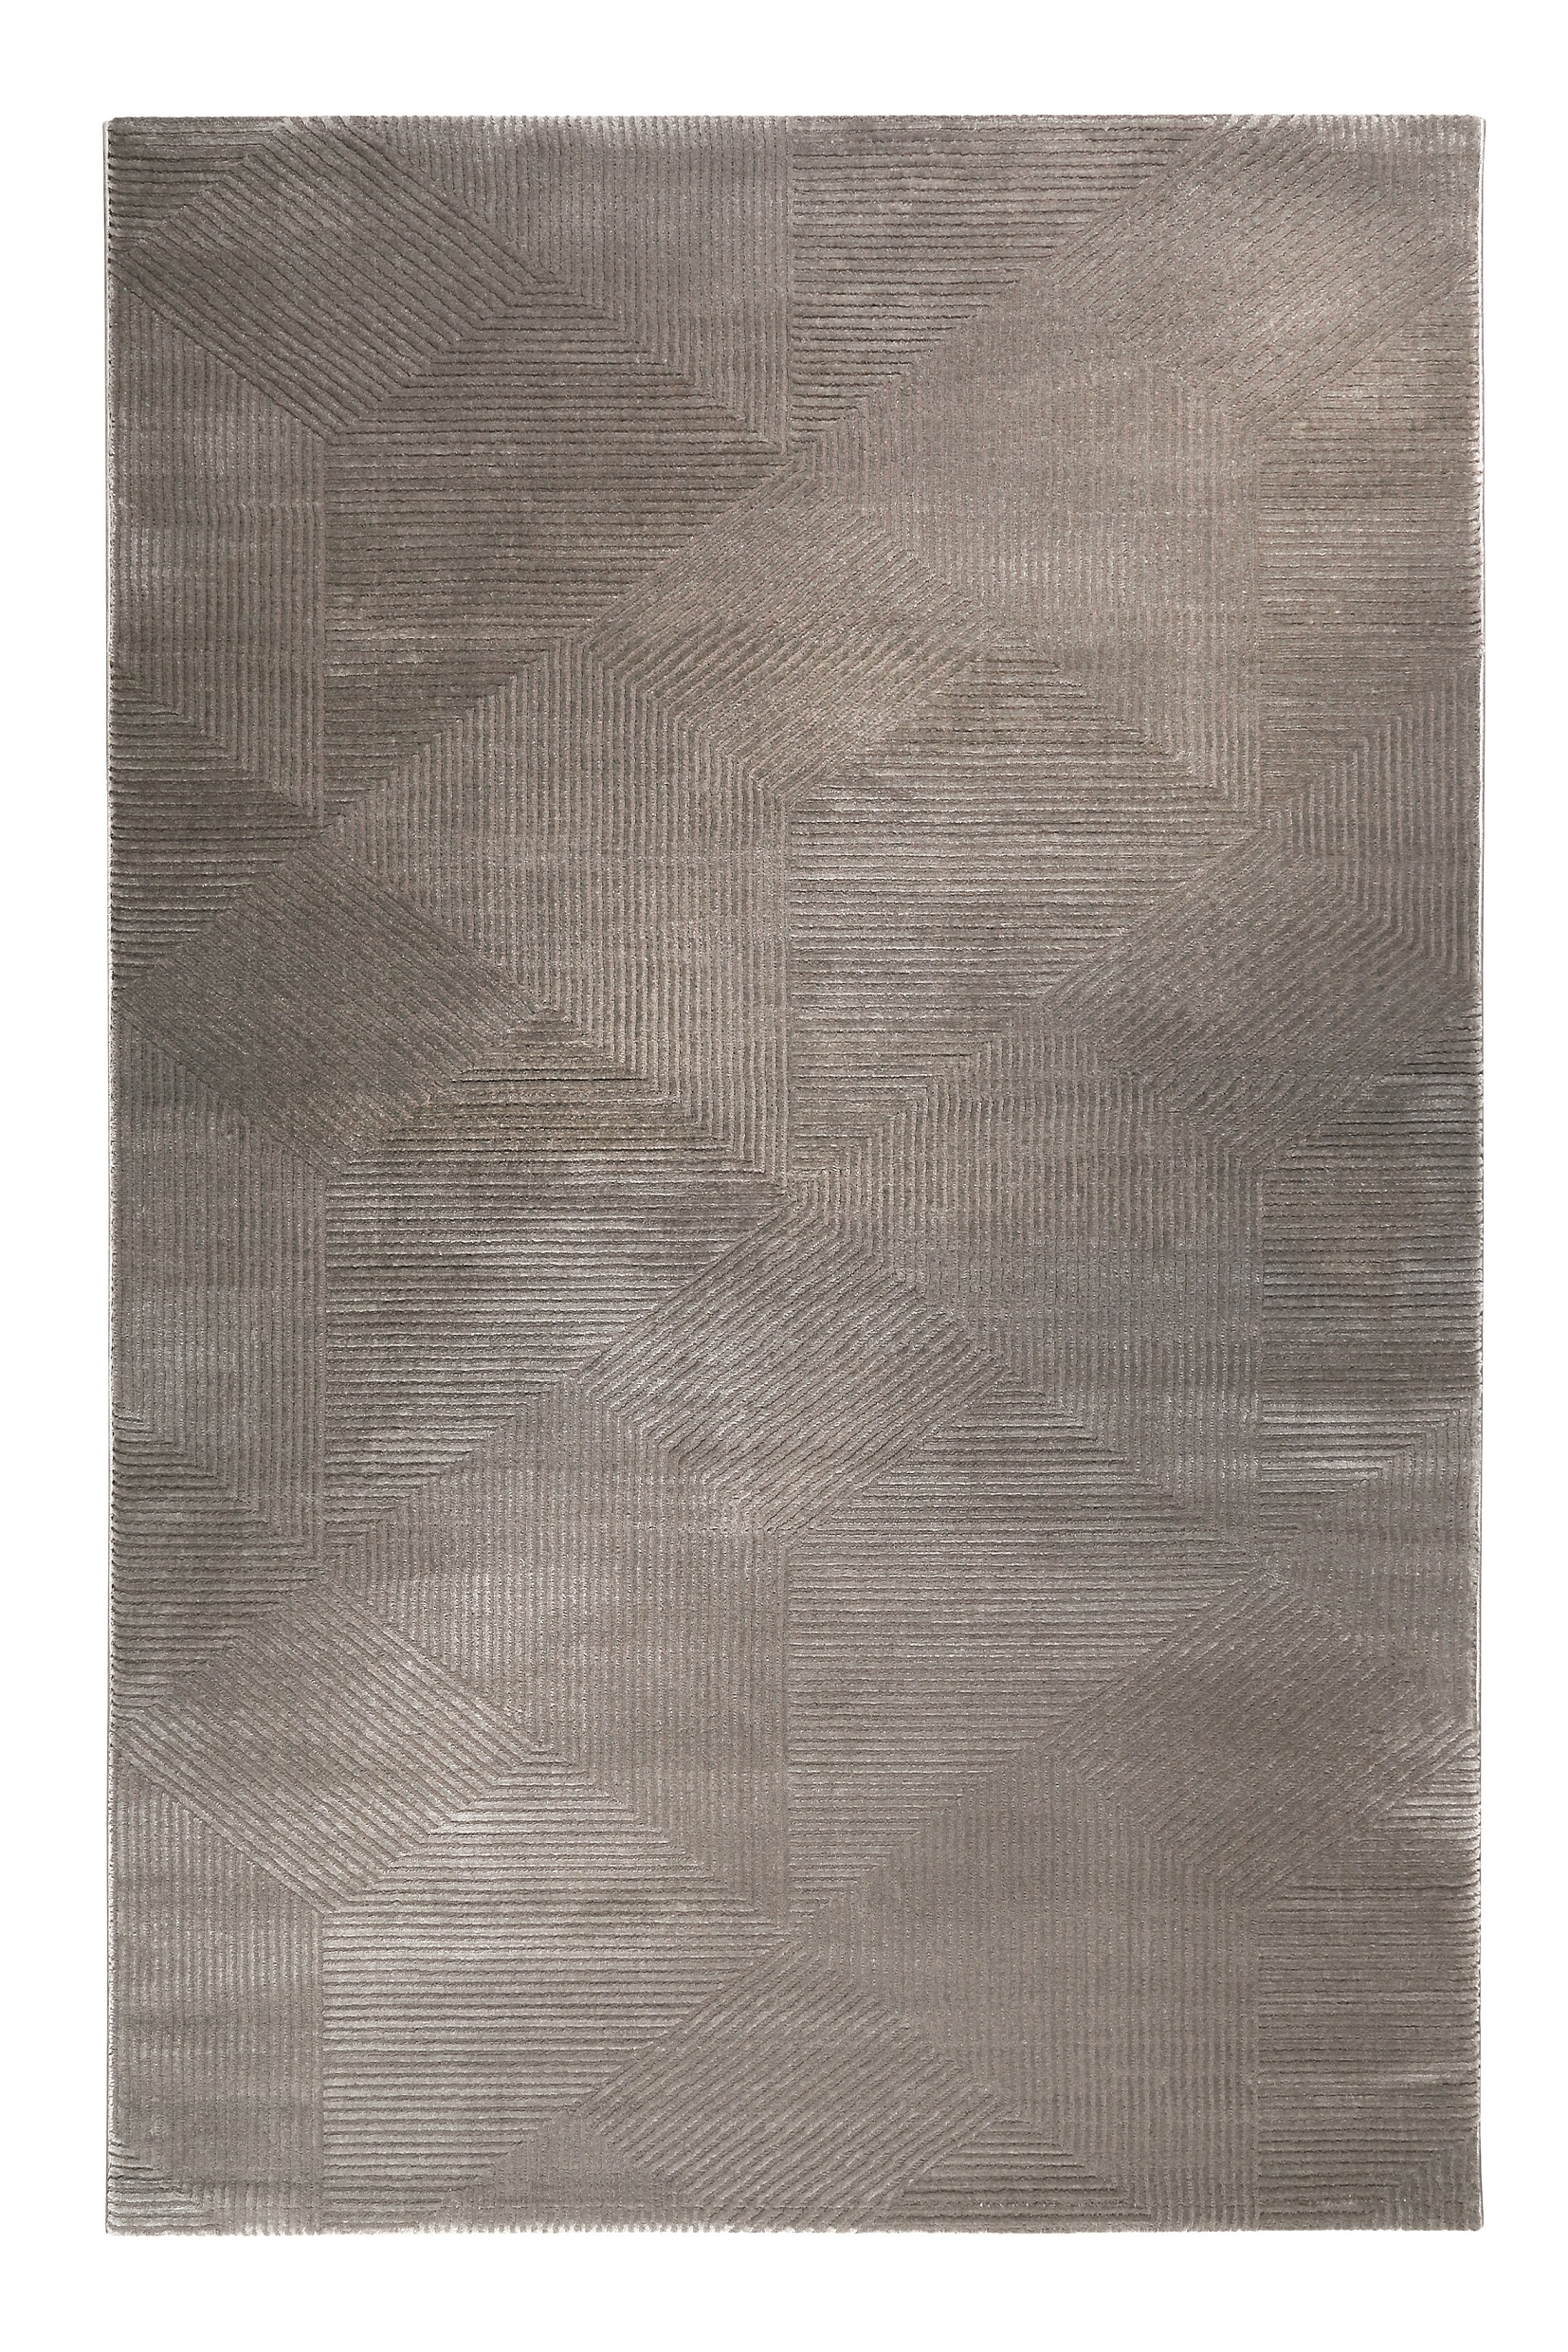 Tapis motif géométrique à relief gris taupe 170x120